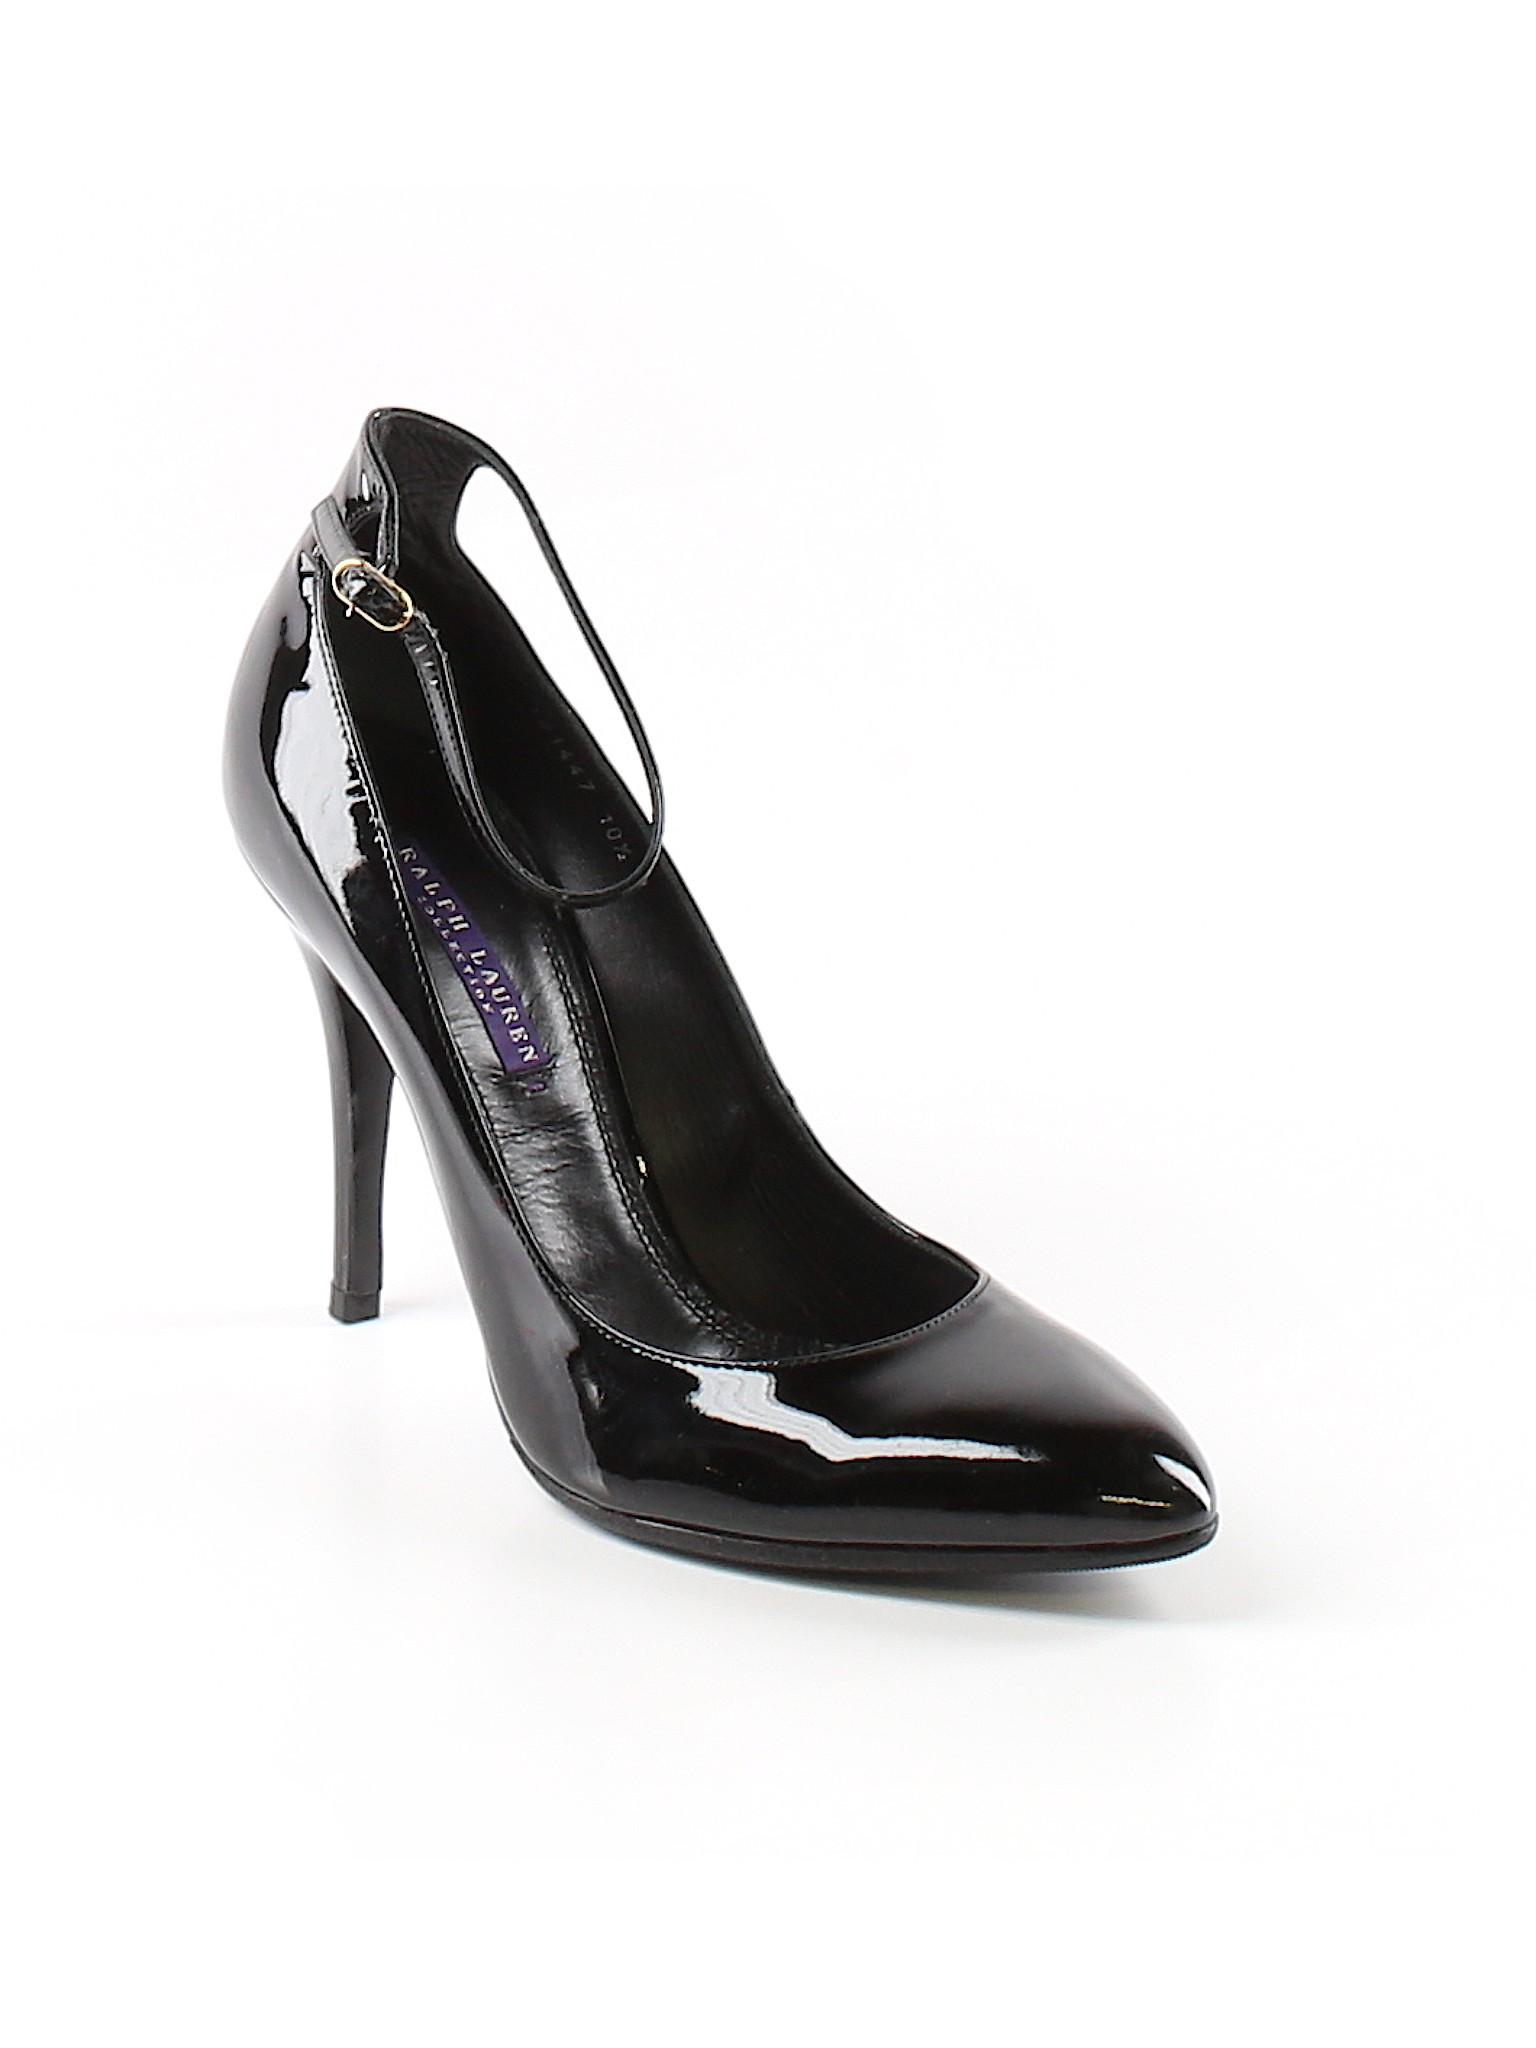 Boutique Heels Lauren promotion Ralph Collection CxwqP1Cra